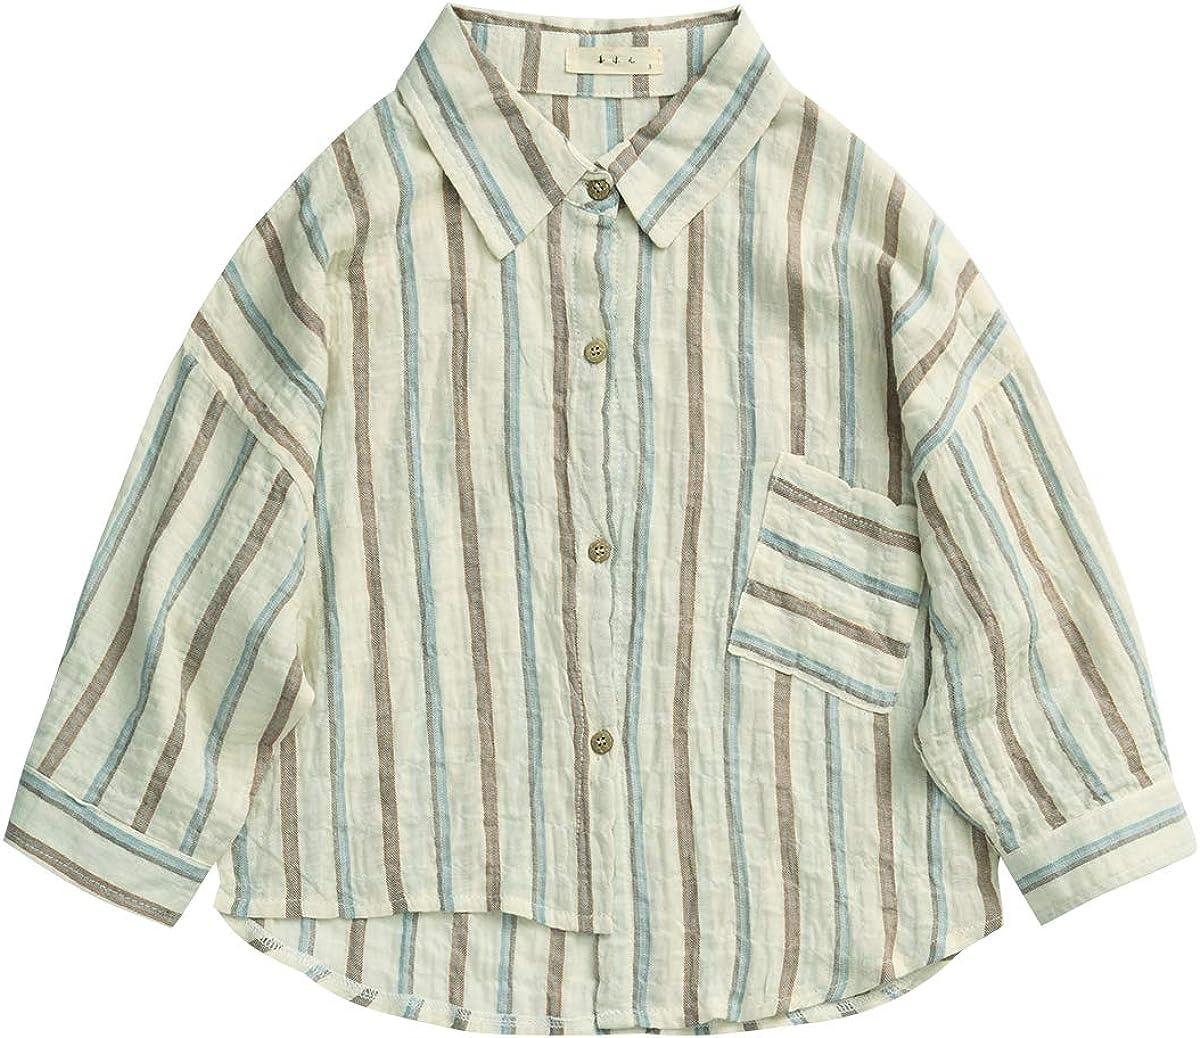 Mason Island Little Boys Girls Kids Autumn Button Down Long Sleeve Shirt Toddler Woven Linen Design Loose Clothes